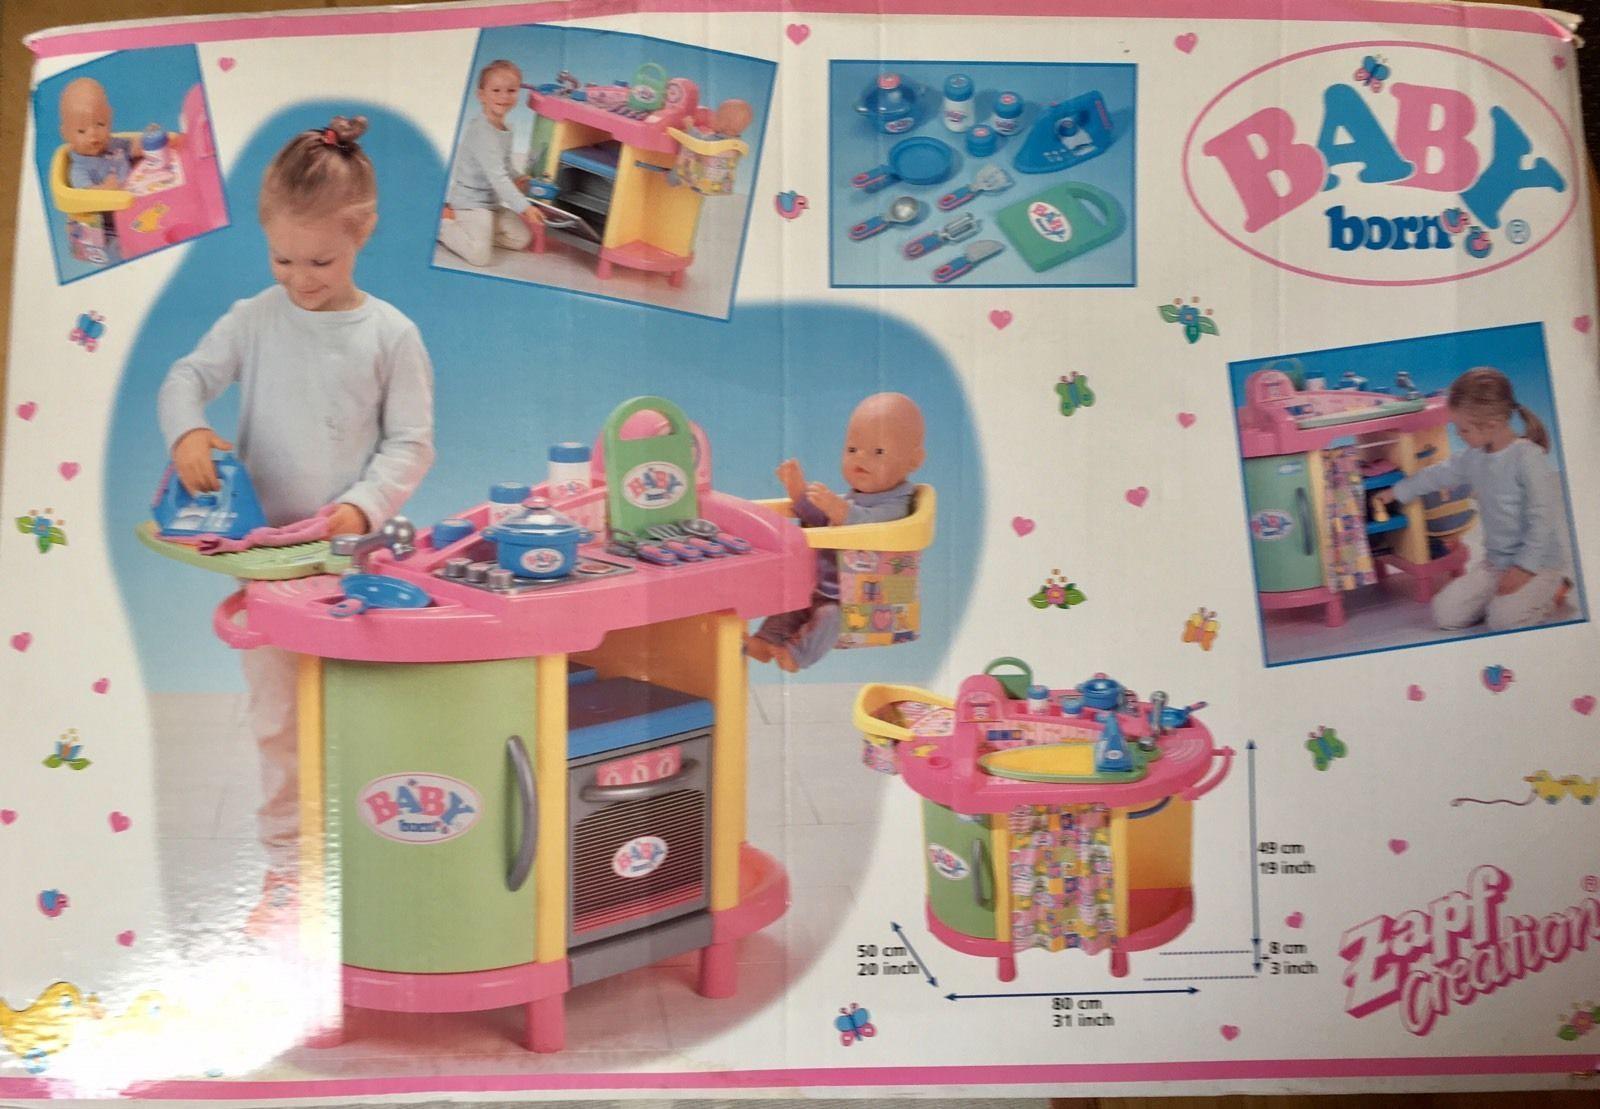 Zapf Creation Baby Born Kuche In Spielzeug Puppen Zubehor Babypuppen Zubehor Ebay Baby Born Zubehor Zapf Creation Baby Geboren